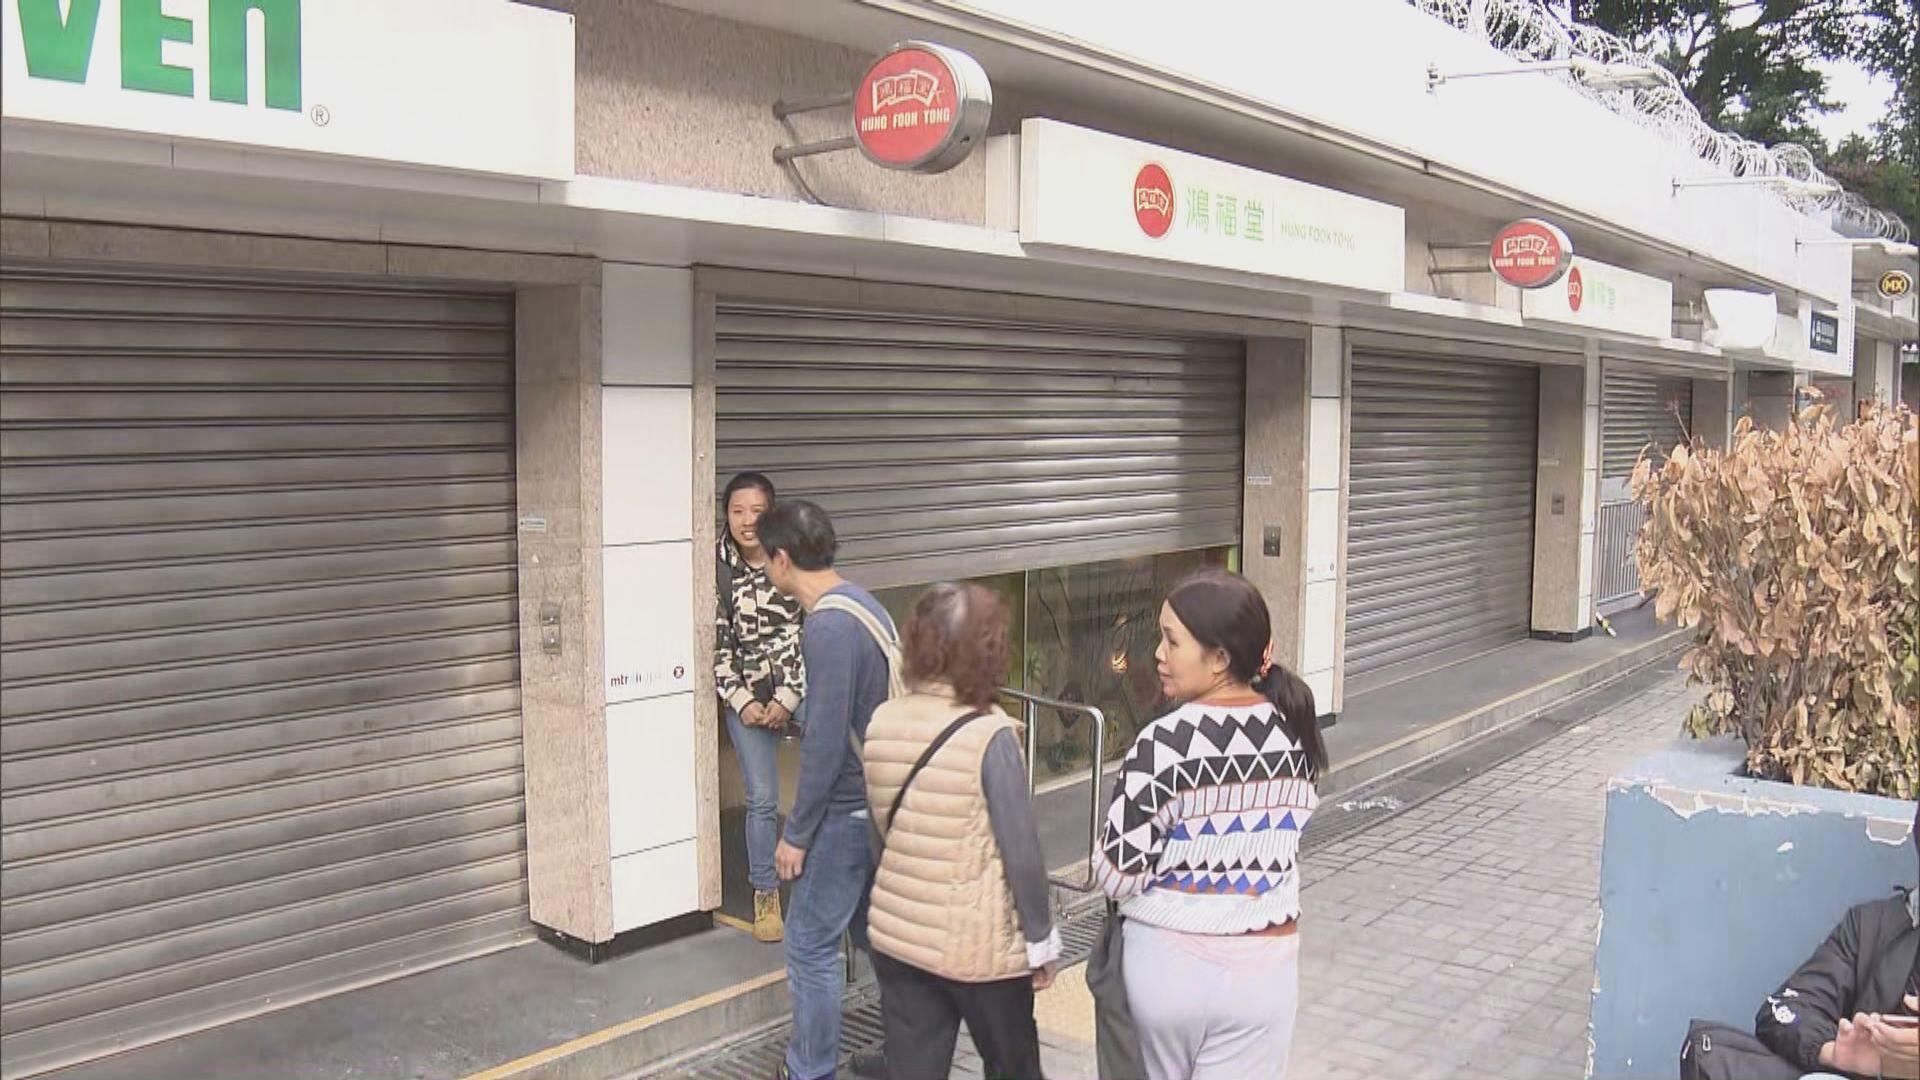 大學站重開 車站大部分店舖無營業